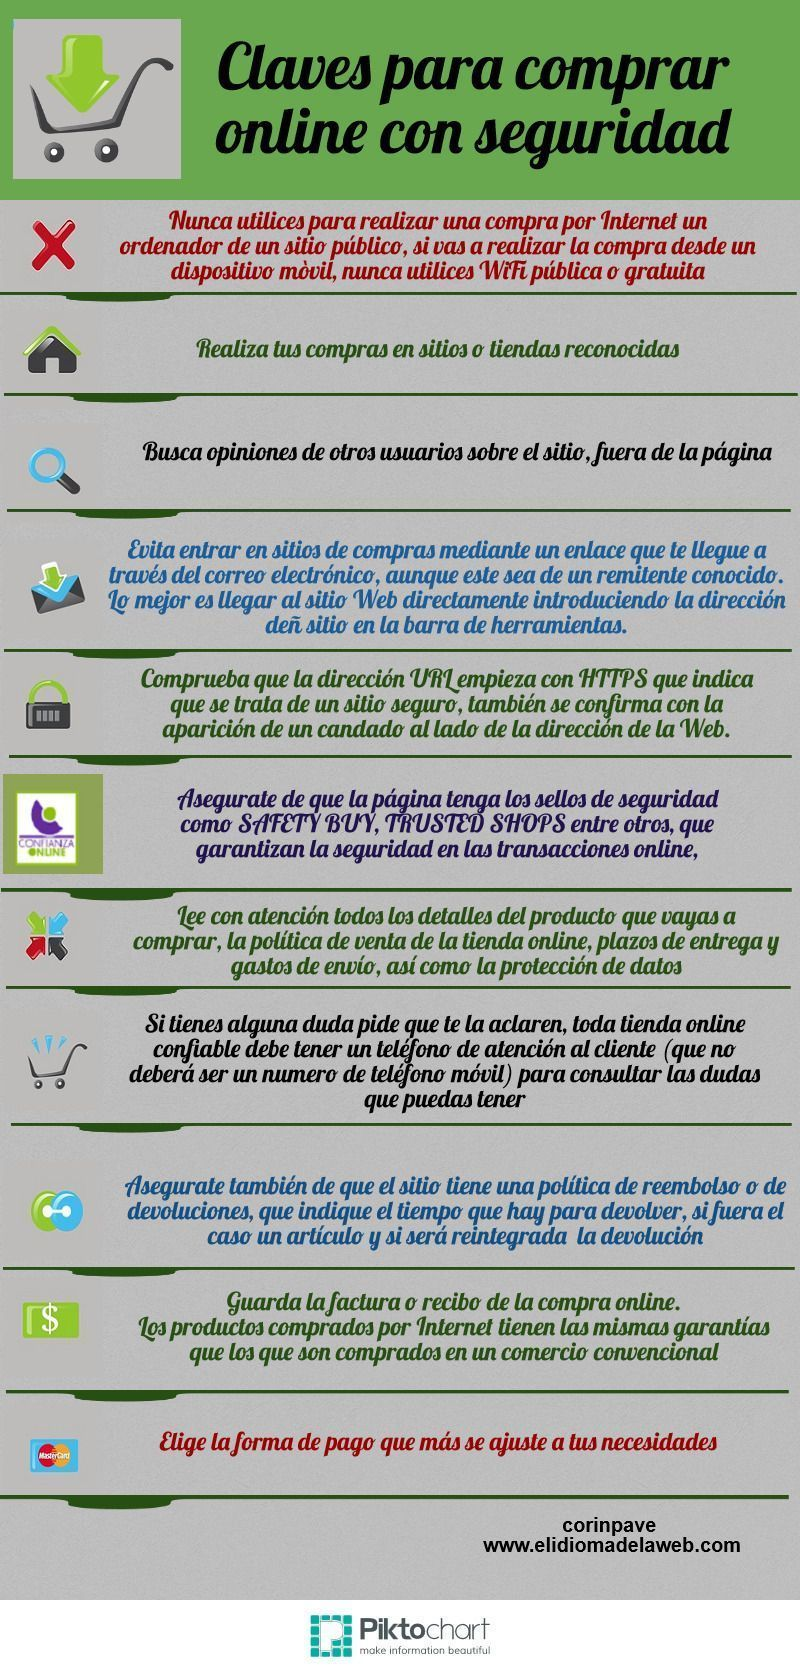 claves para comprar con seguridad a traves de internet